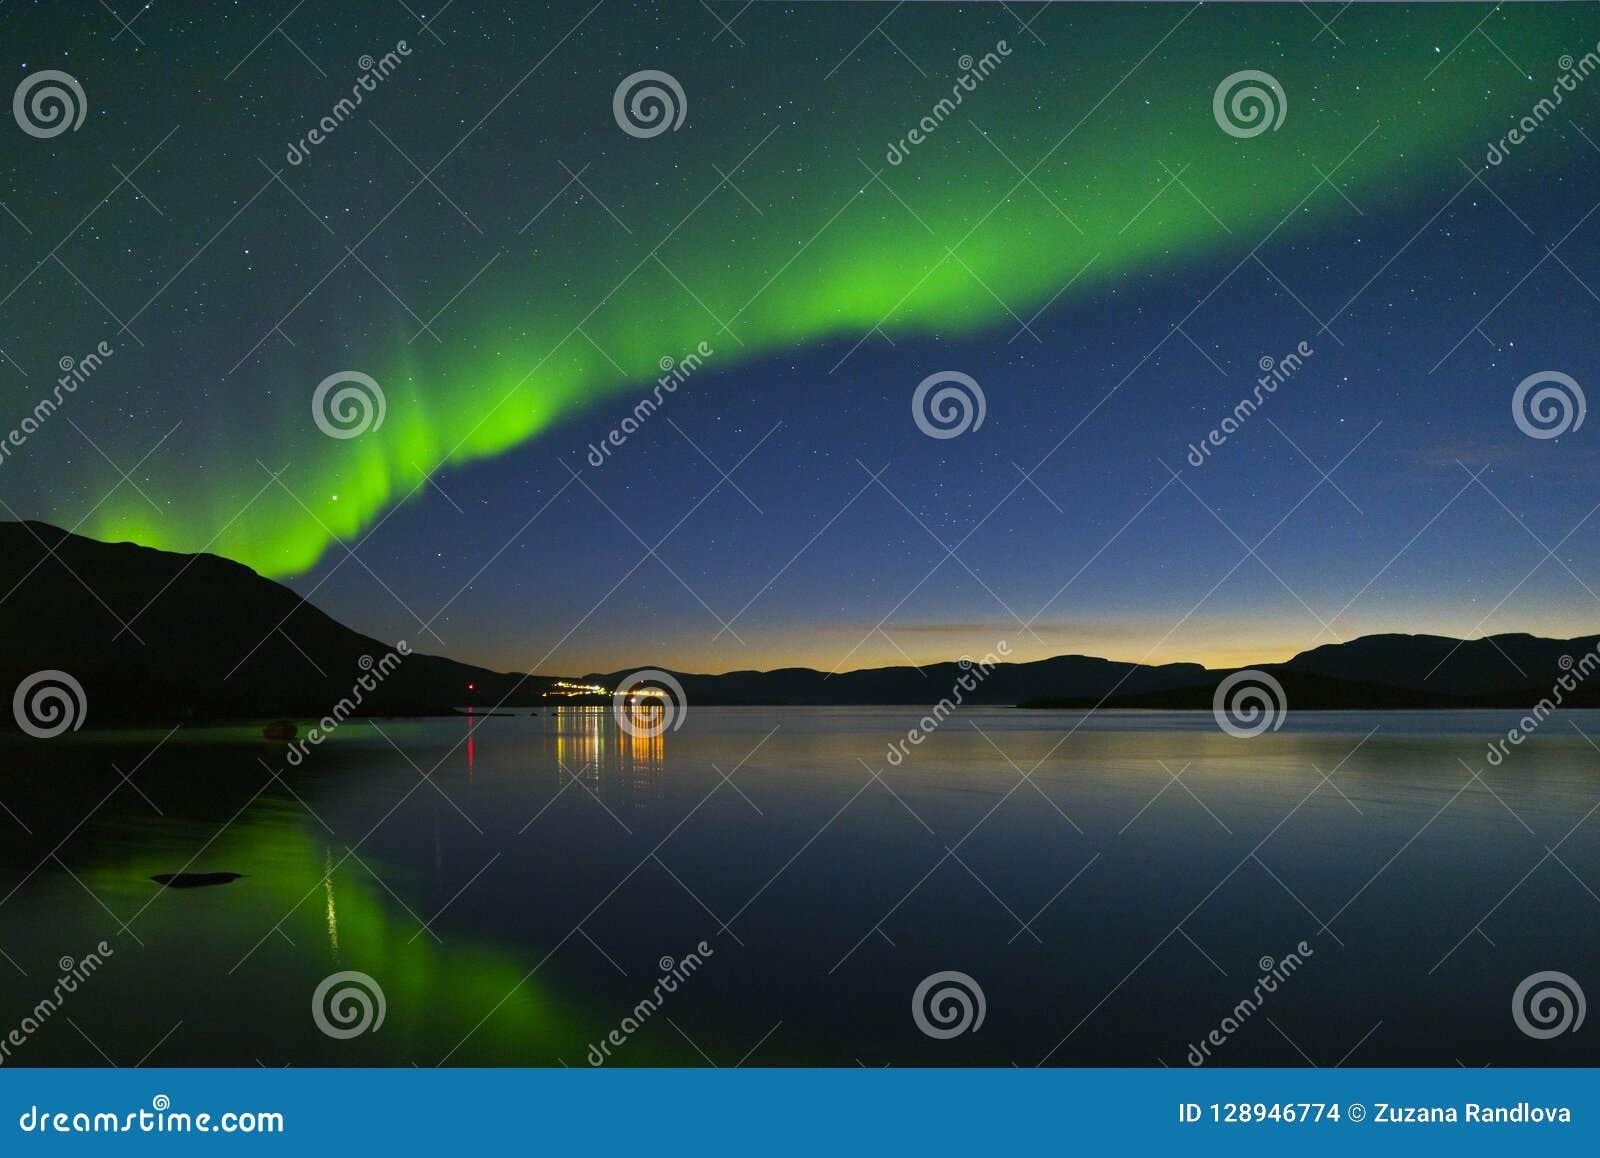 Aurora borealis in Noordelijk Zweden